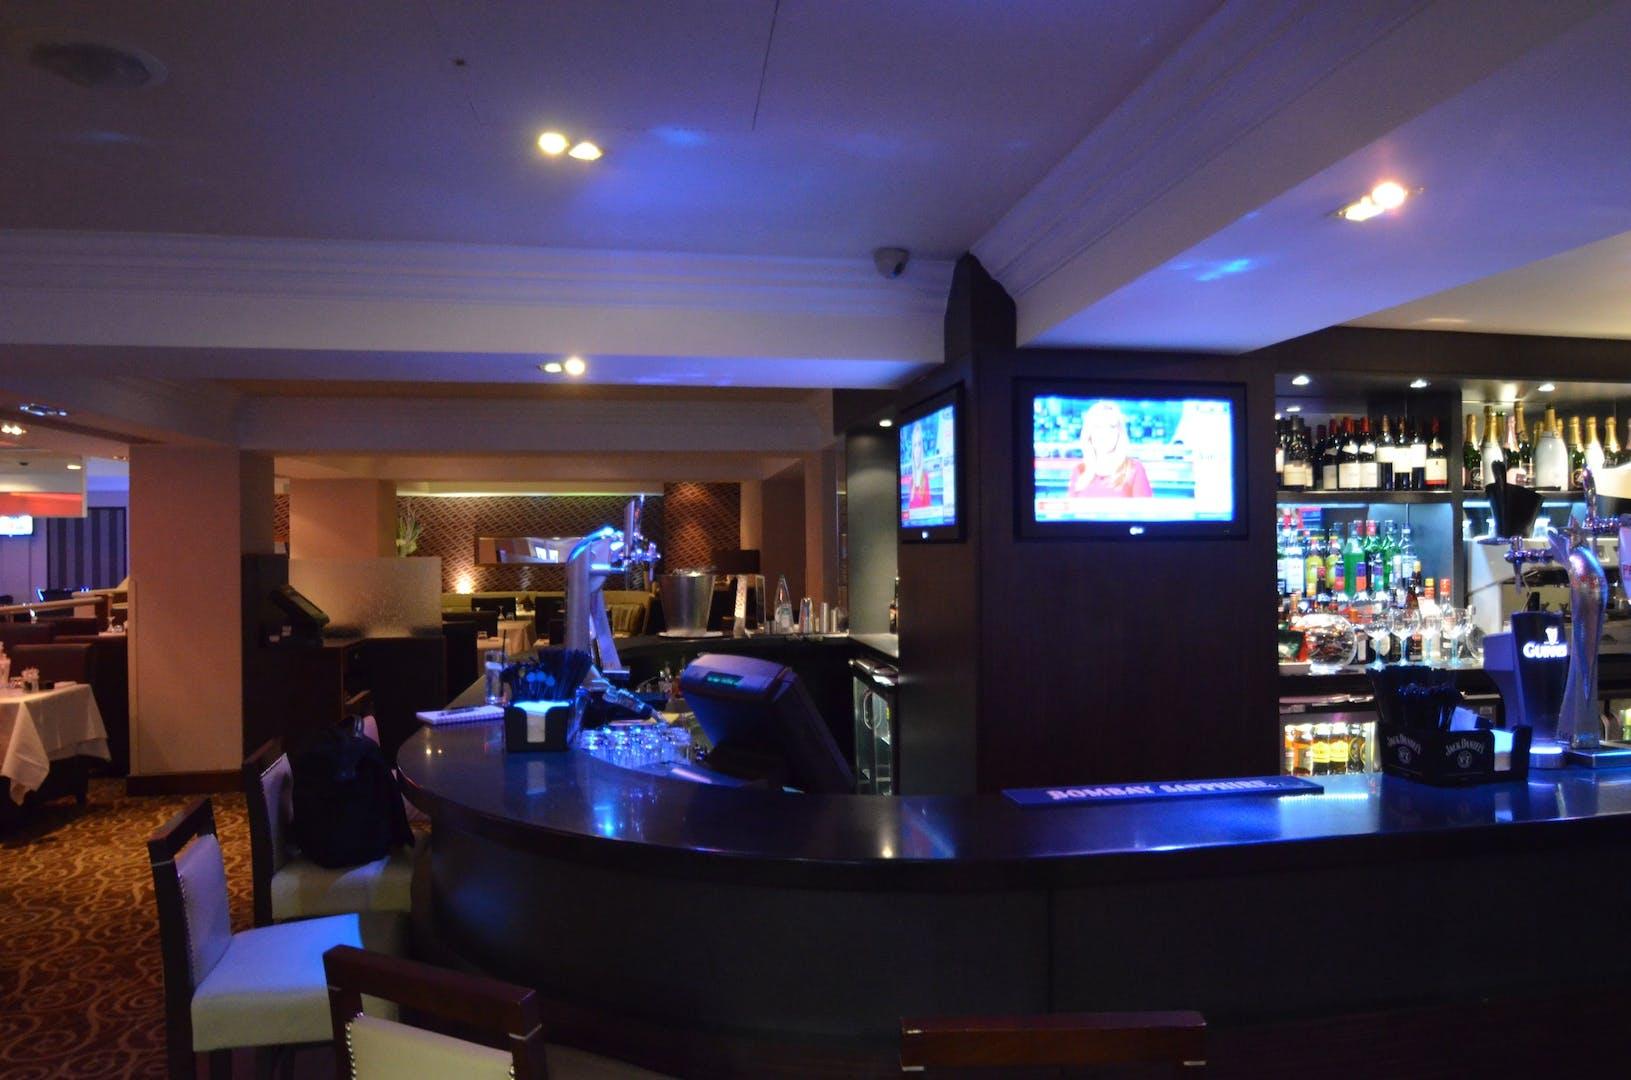 grosvenor casino queensway london